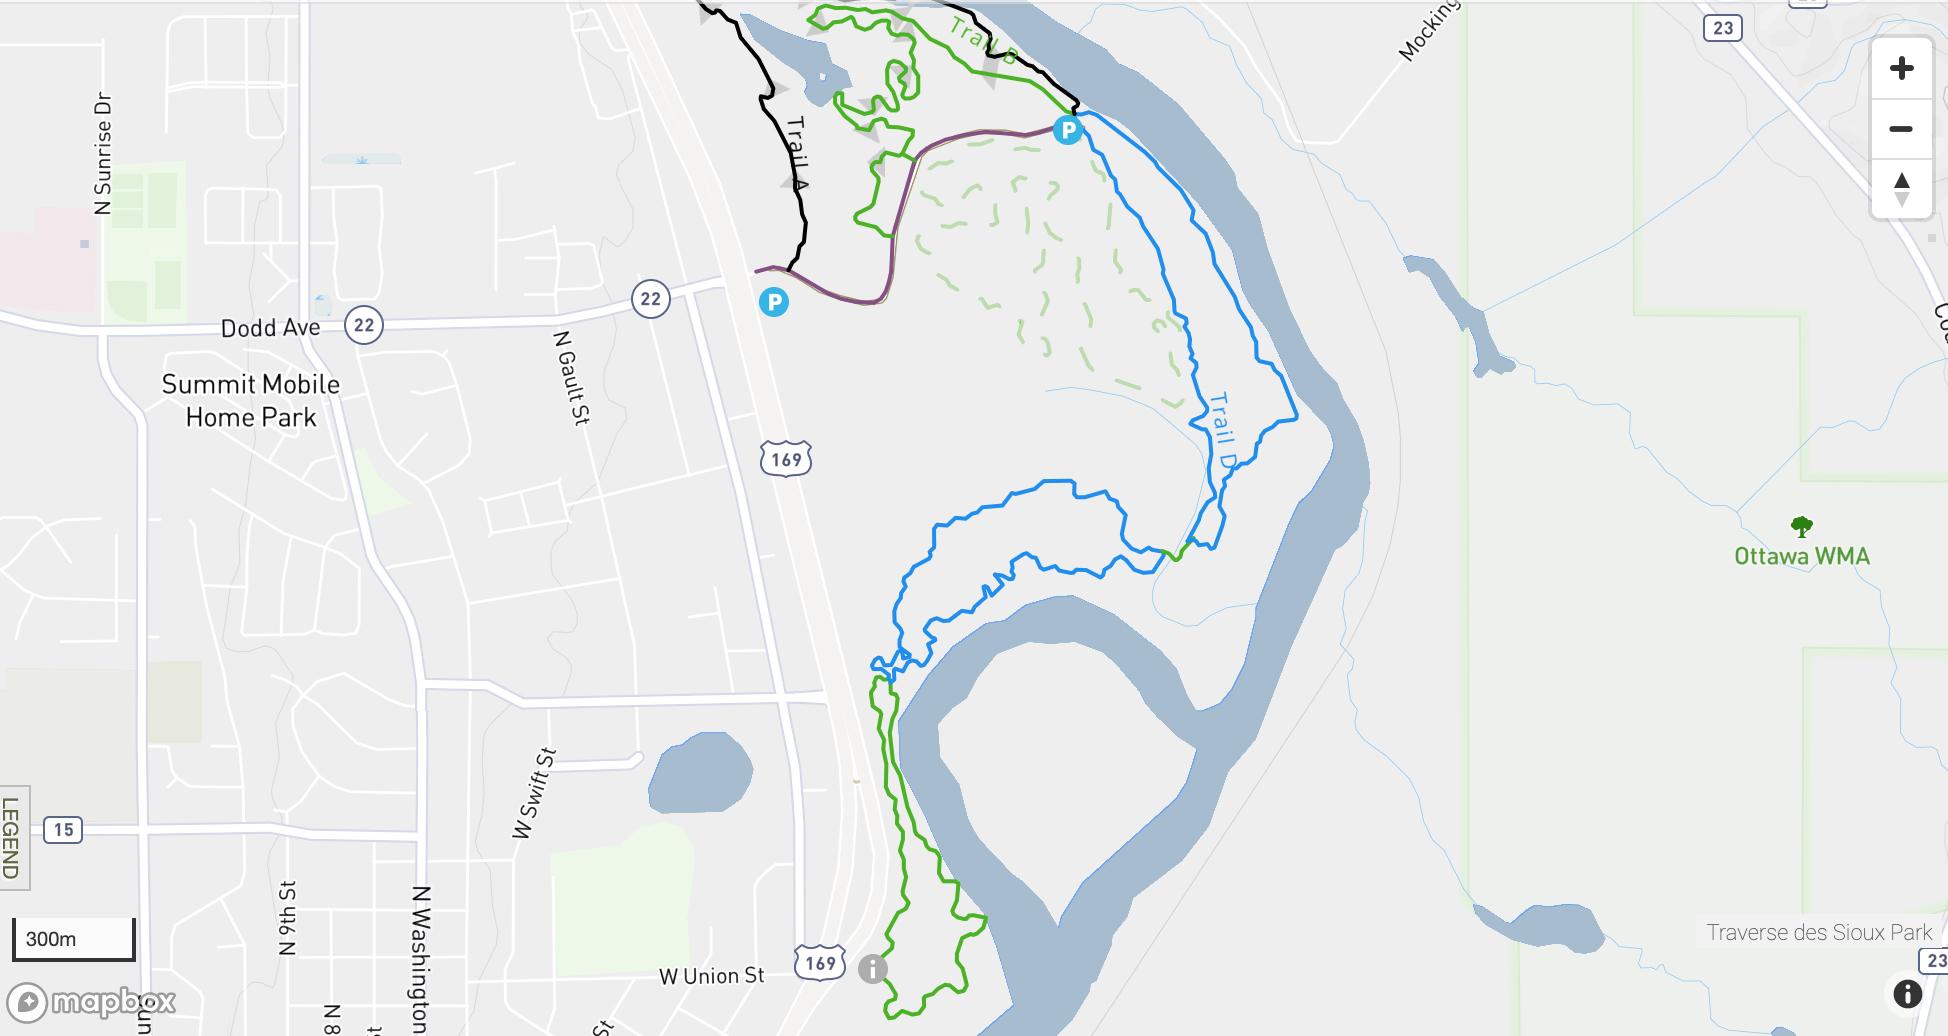 Traverse Des Sioux mountain bike trail map